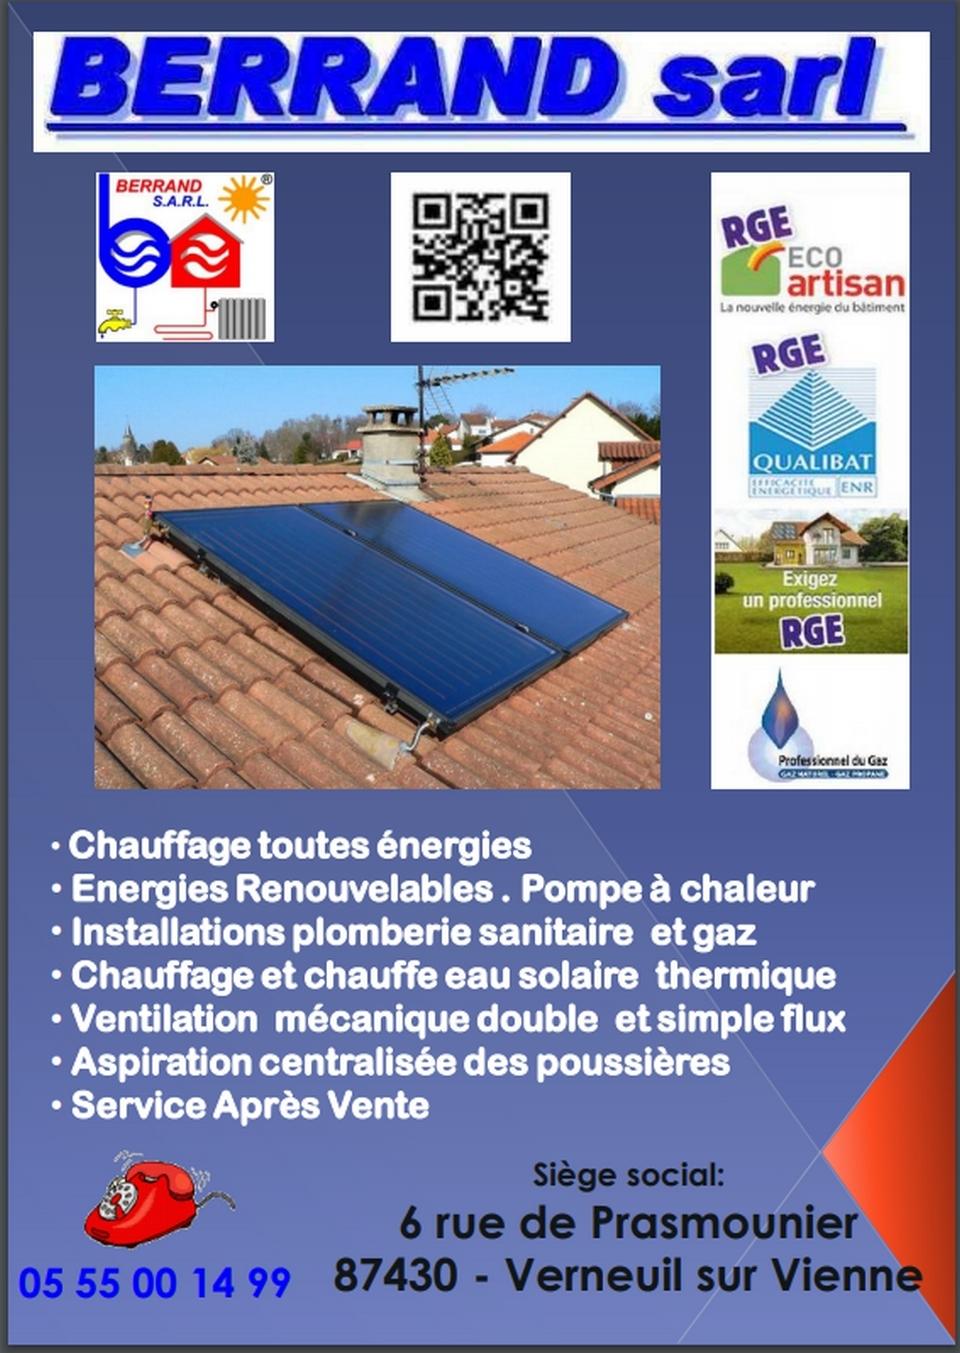 Flyer de présentation de l'entreprise